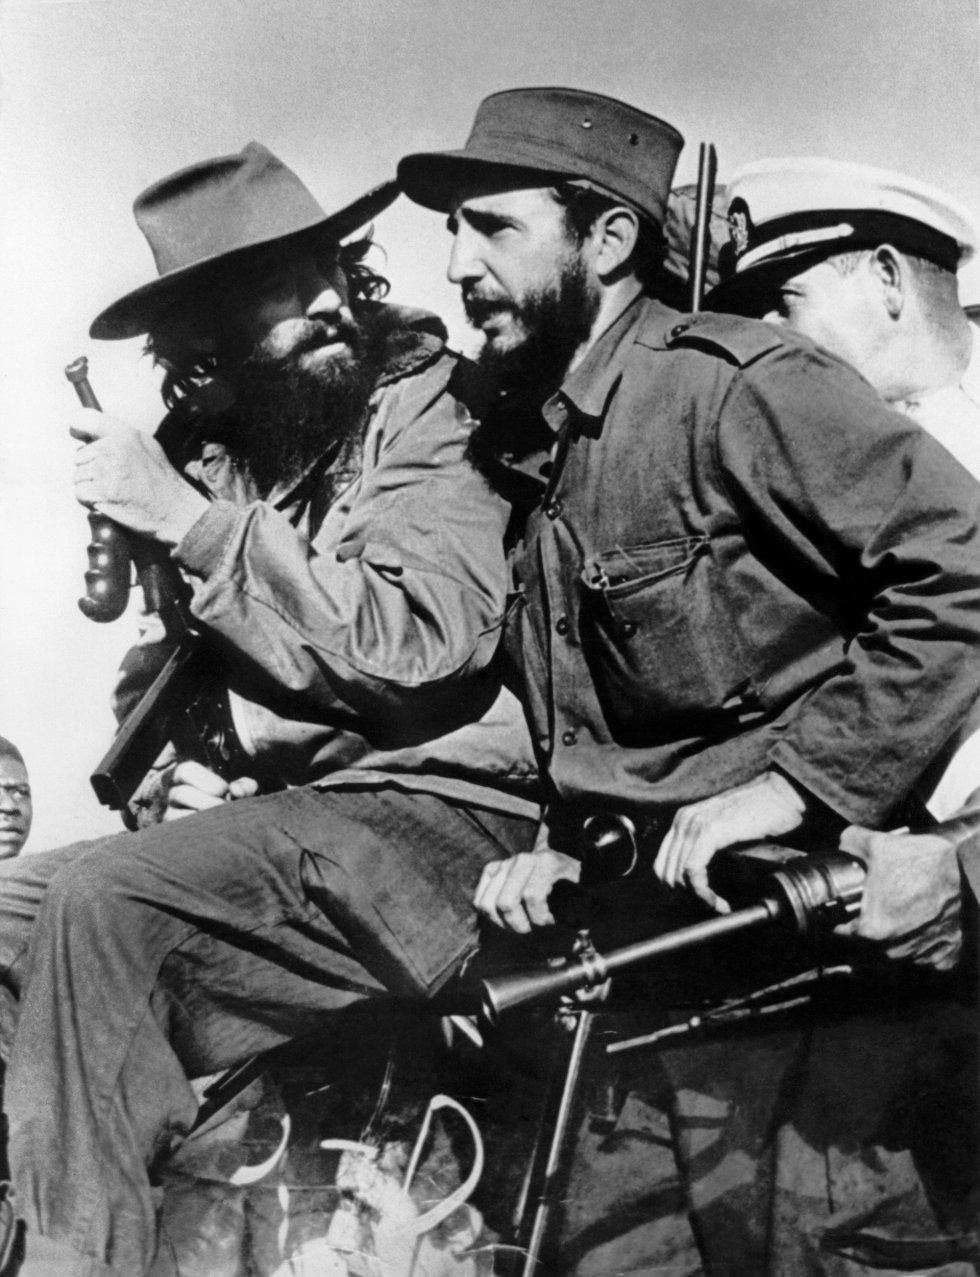 Fidel Castro en sus tiempos de líder rebelde junto a Camilo Cienfuegos (izquierda), entrando en La Habana después de la victoria sobre las tropas del dictador cubano Fulgencio Batista